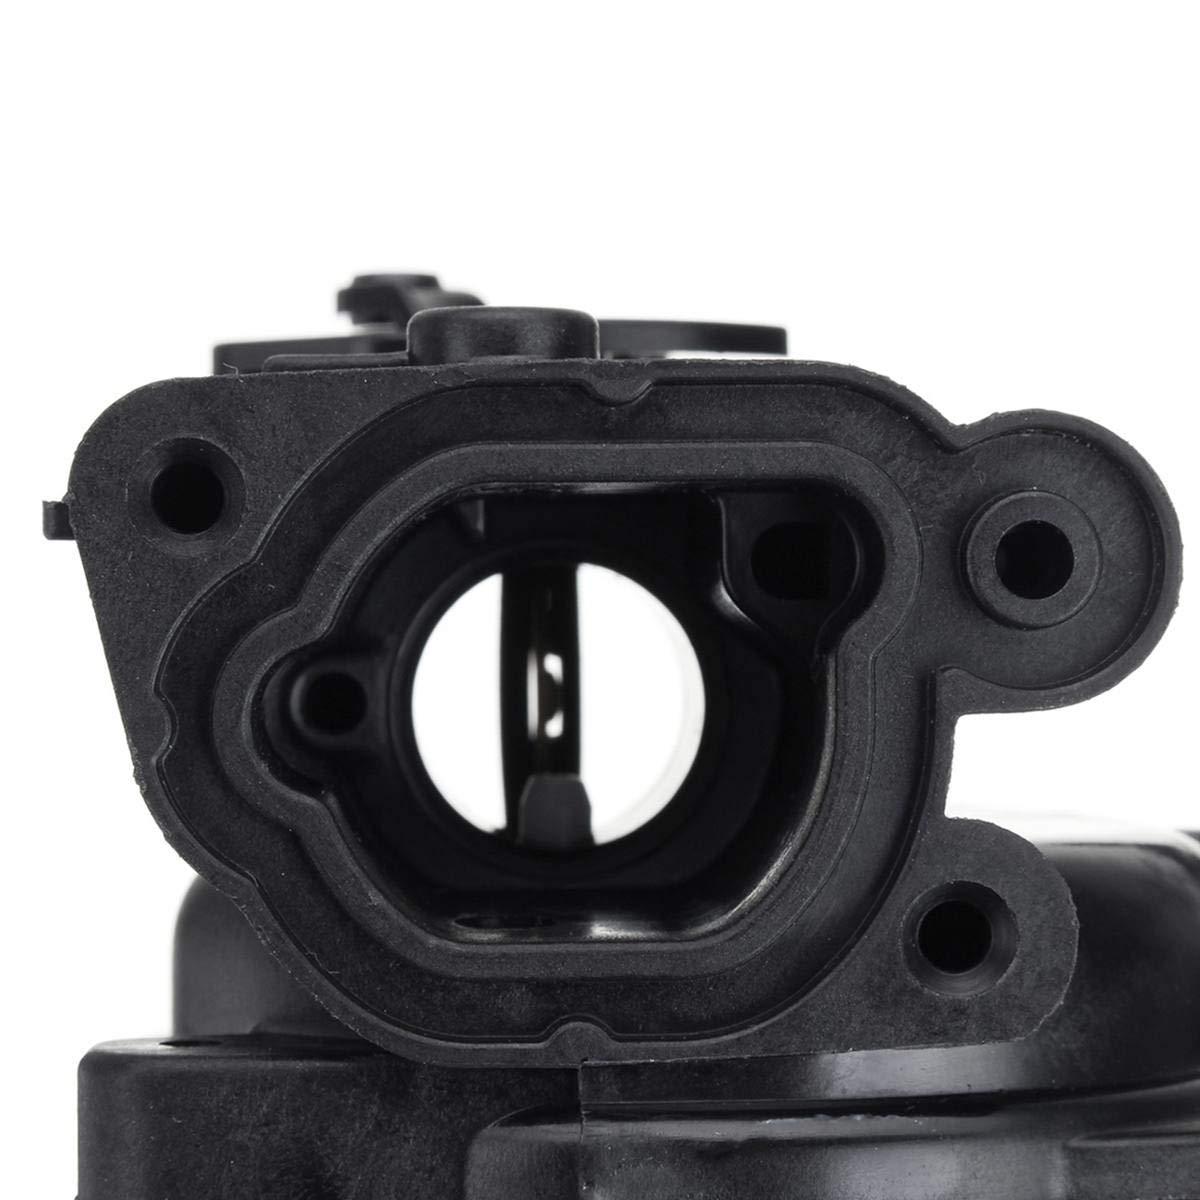 Amazon.com: Gift-4Car - Kit de cortacésped de gasolina para ...